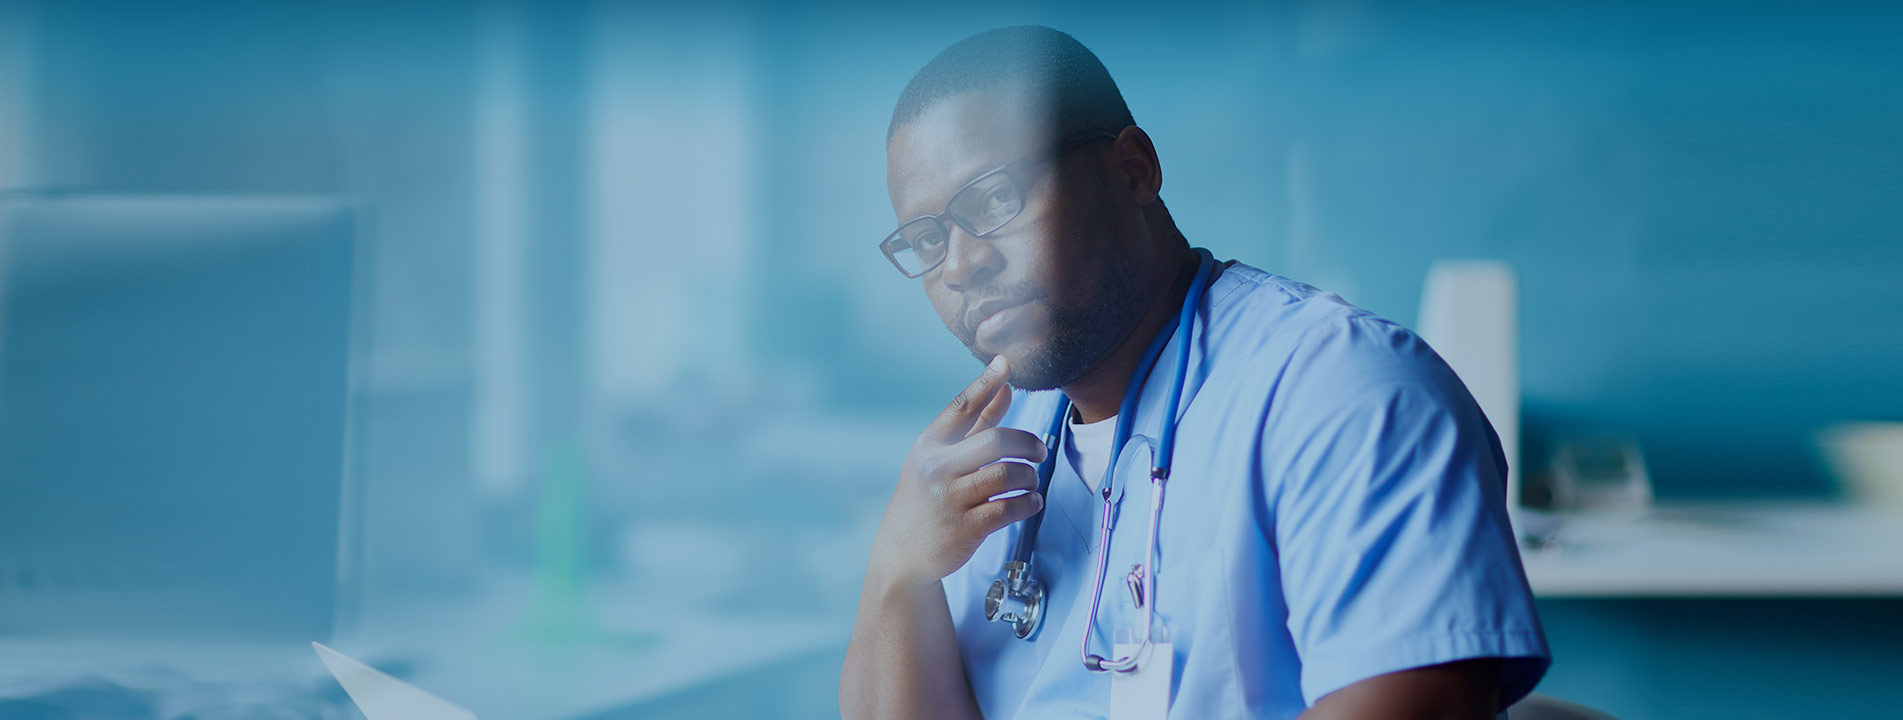 certificado-medico-carnet-de-conducir-certimedic-slider1